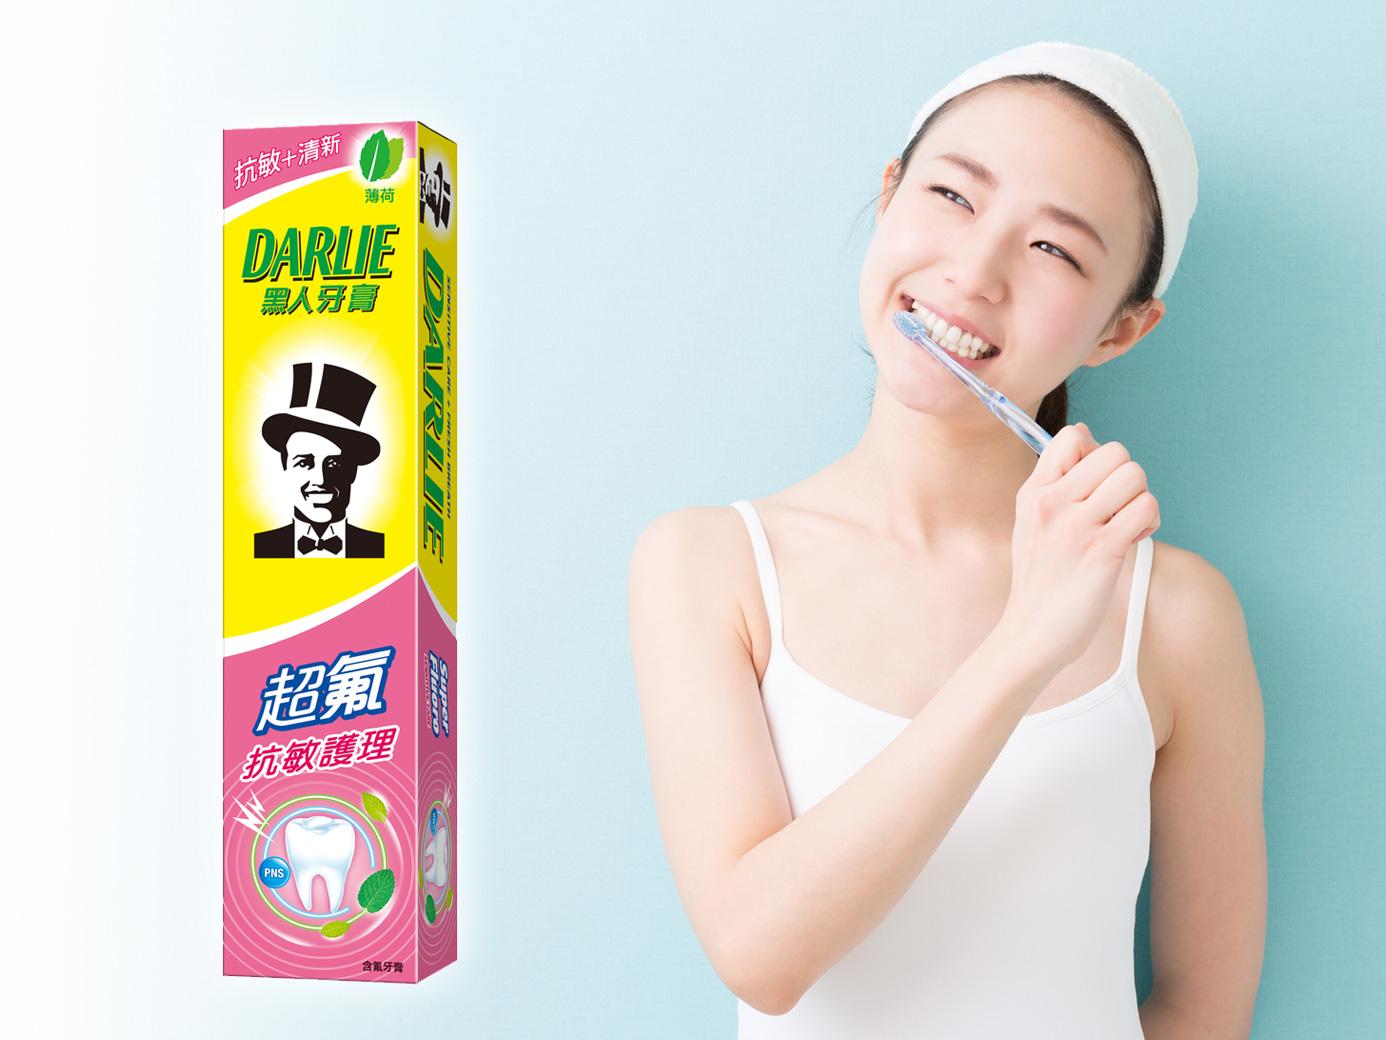 黑人超氟抗敏護理牙膏 不再敏感口氣又清新!